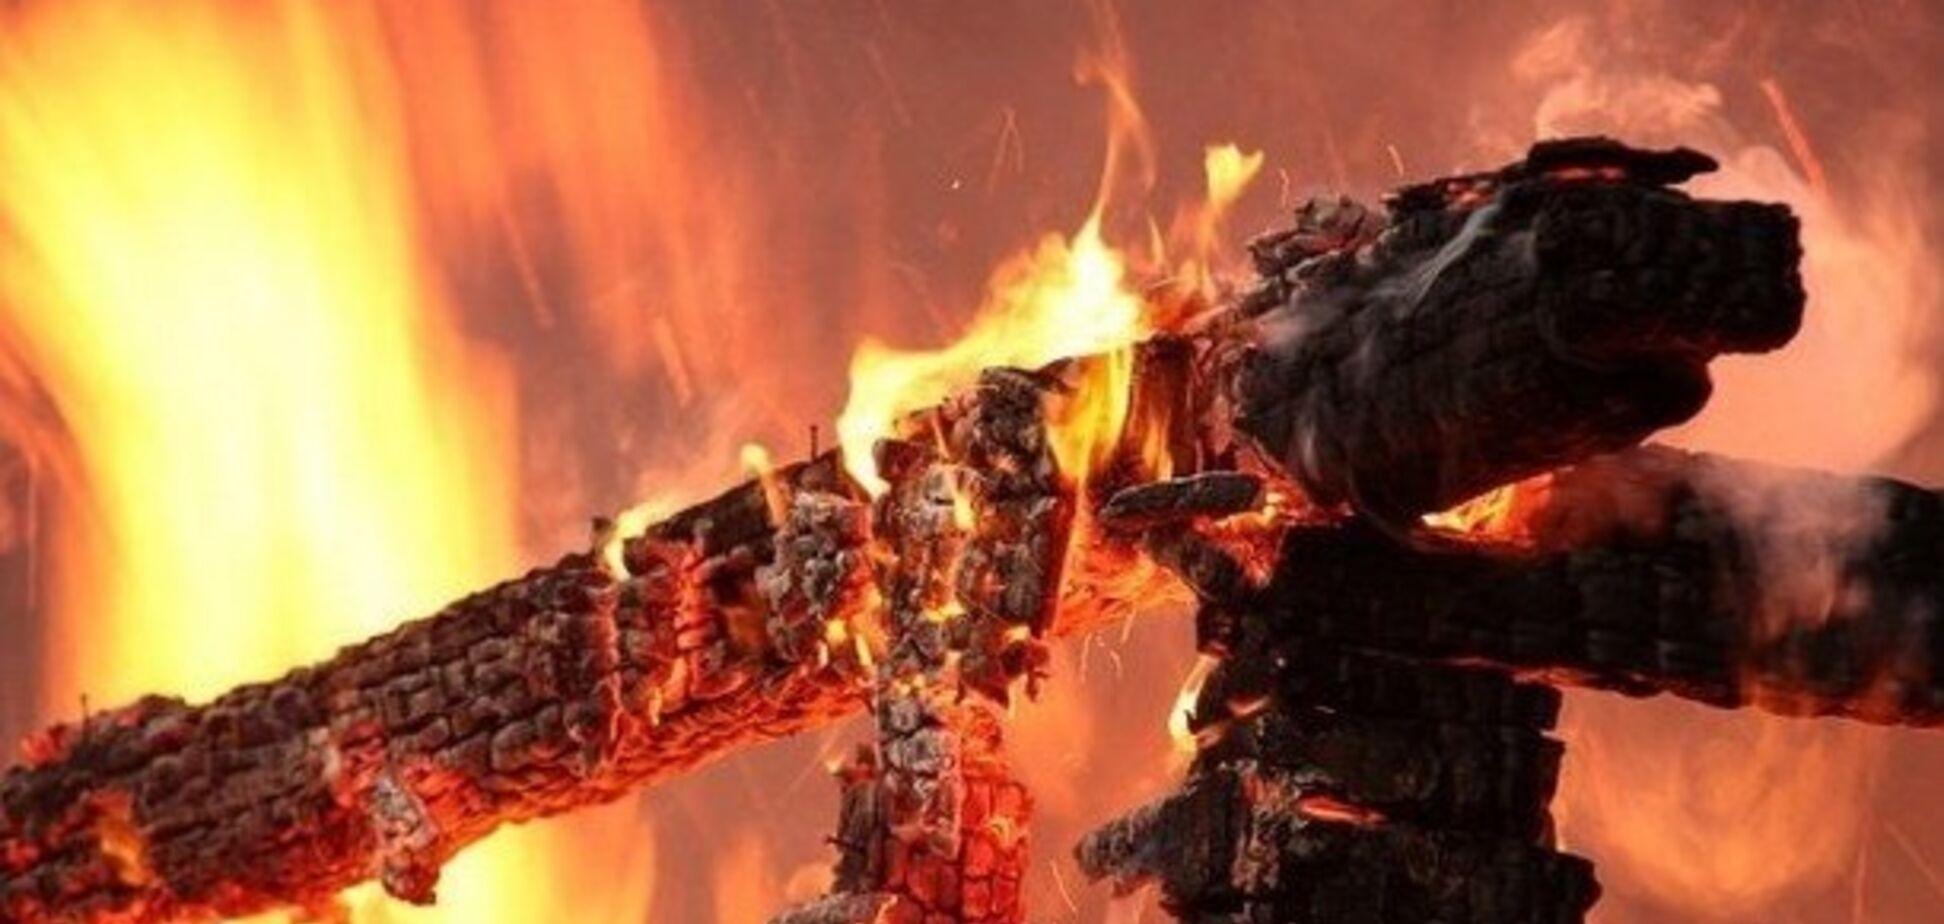 В Кривом Роге сгорел дом: пострадали ребенок и взрослый